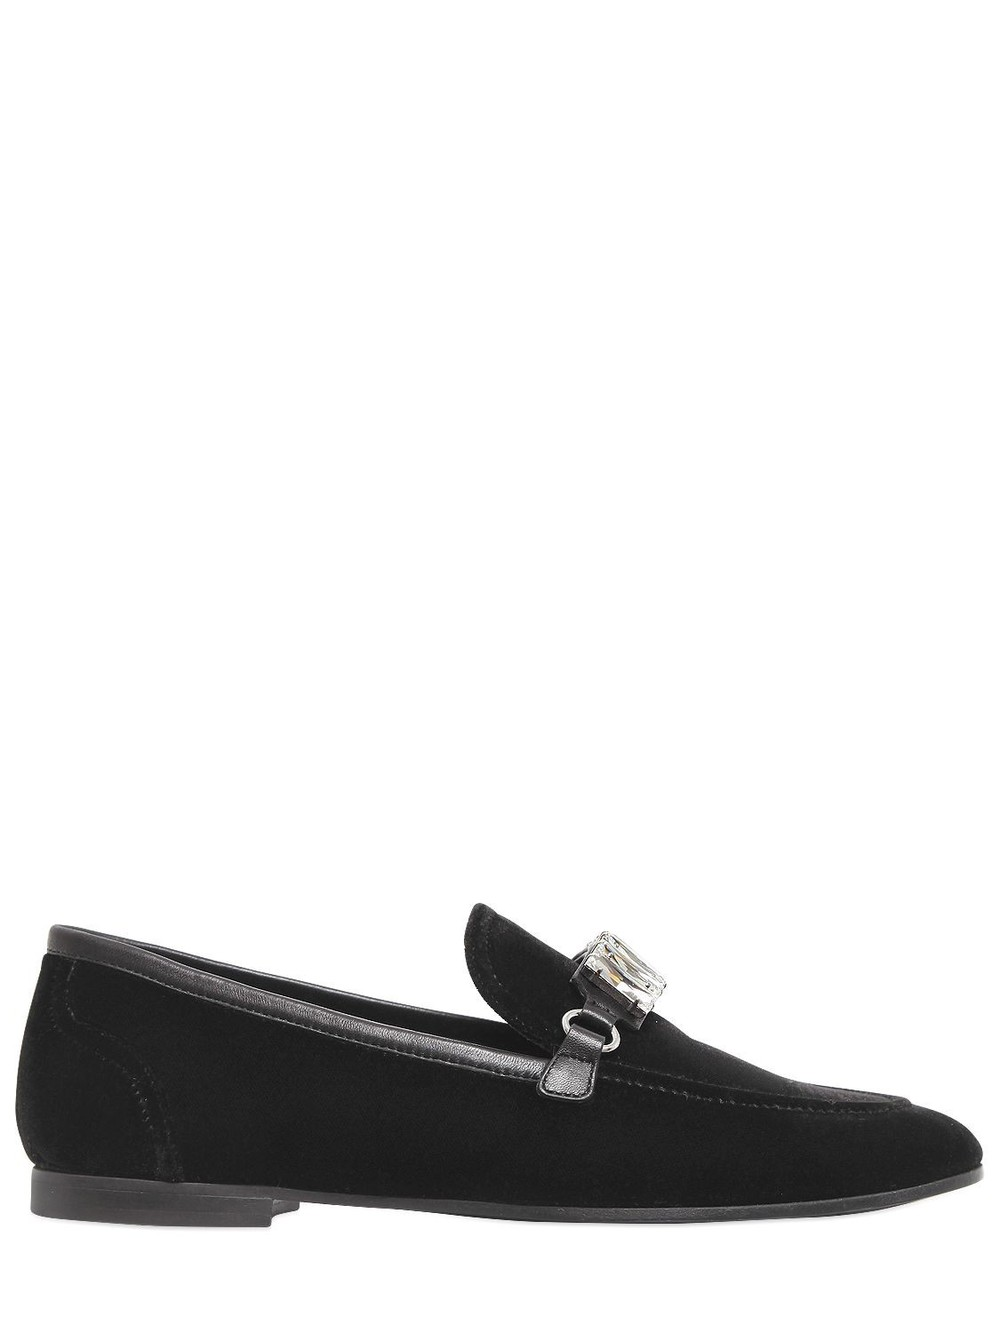 GIUSEPPE ZANOTTI DESIGN 10mm Velvet & Swarovski Loafers in black